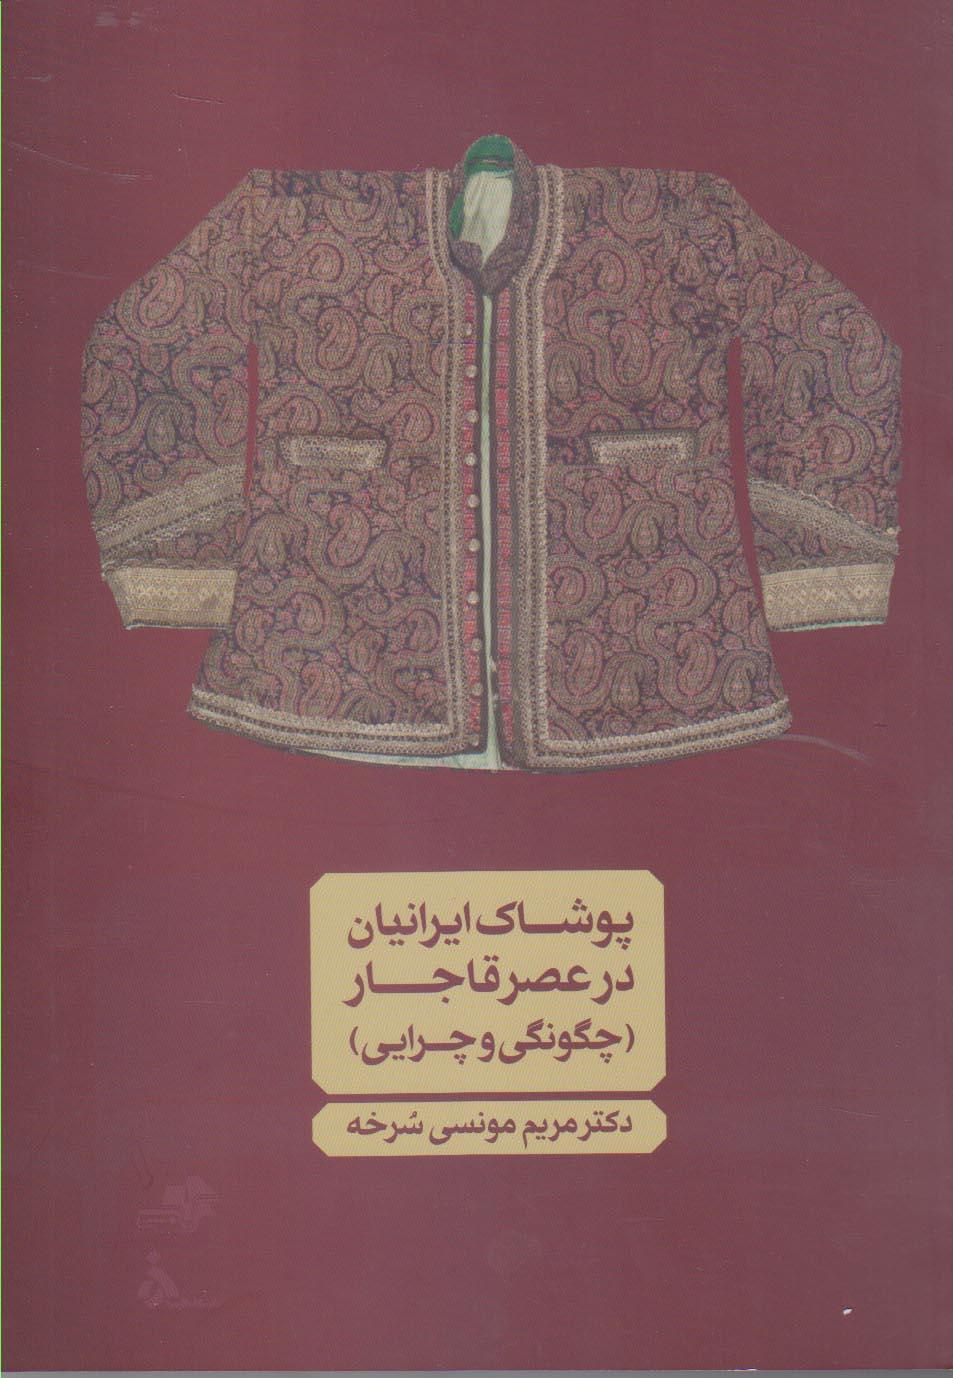 کتاب پوشاک ایرانیان در عصر قاجار